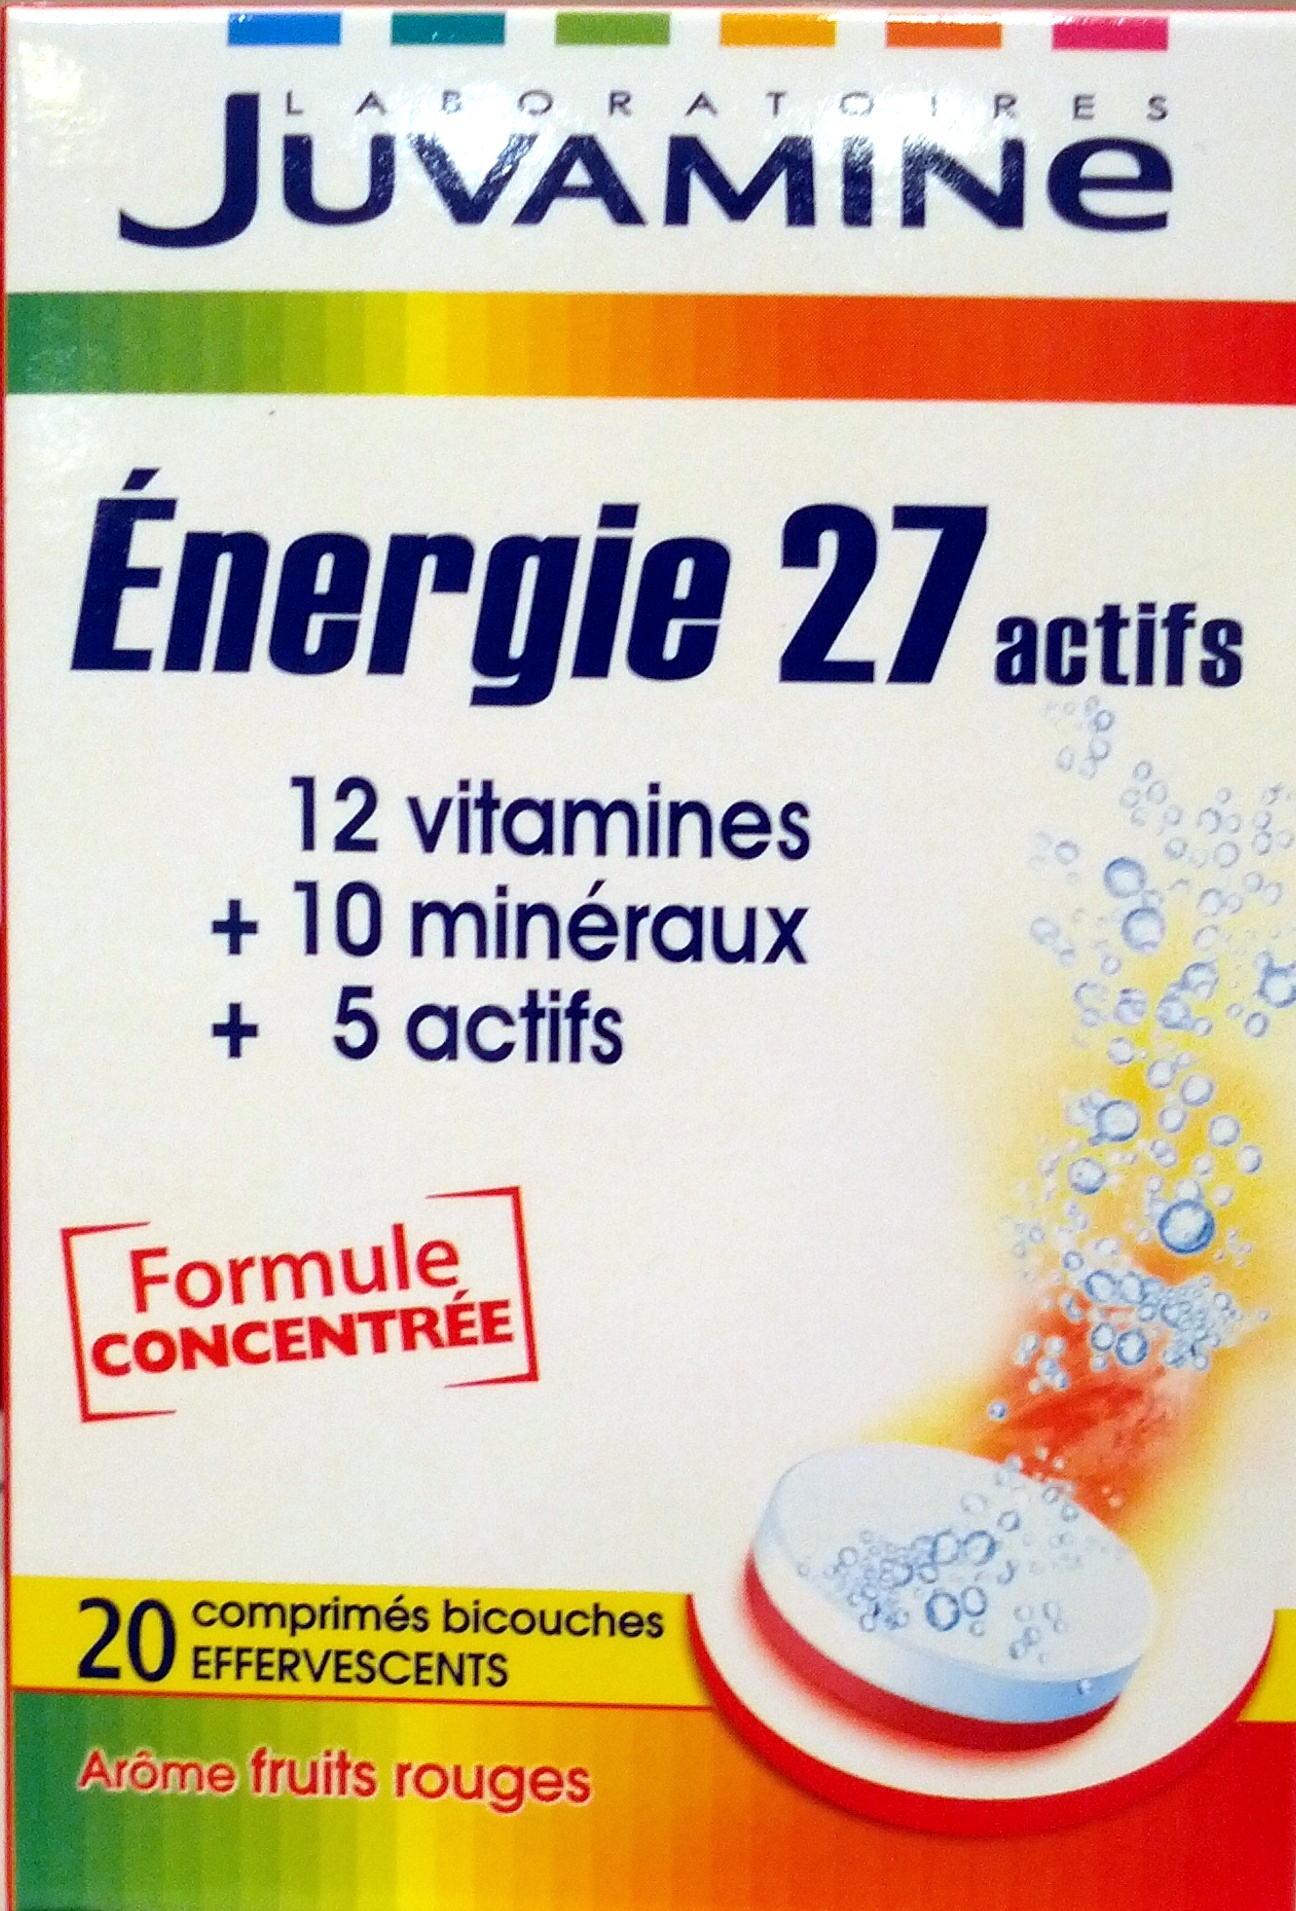 Juvamine Energie 27 actifs Arôme fruits rouges - Produit